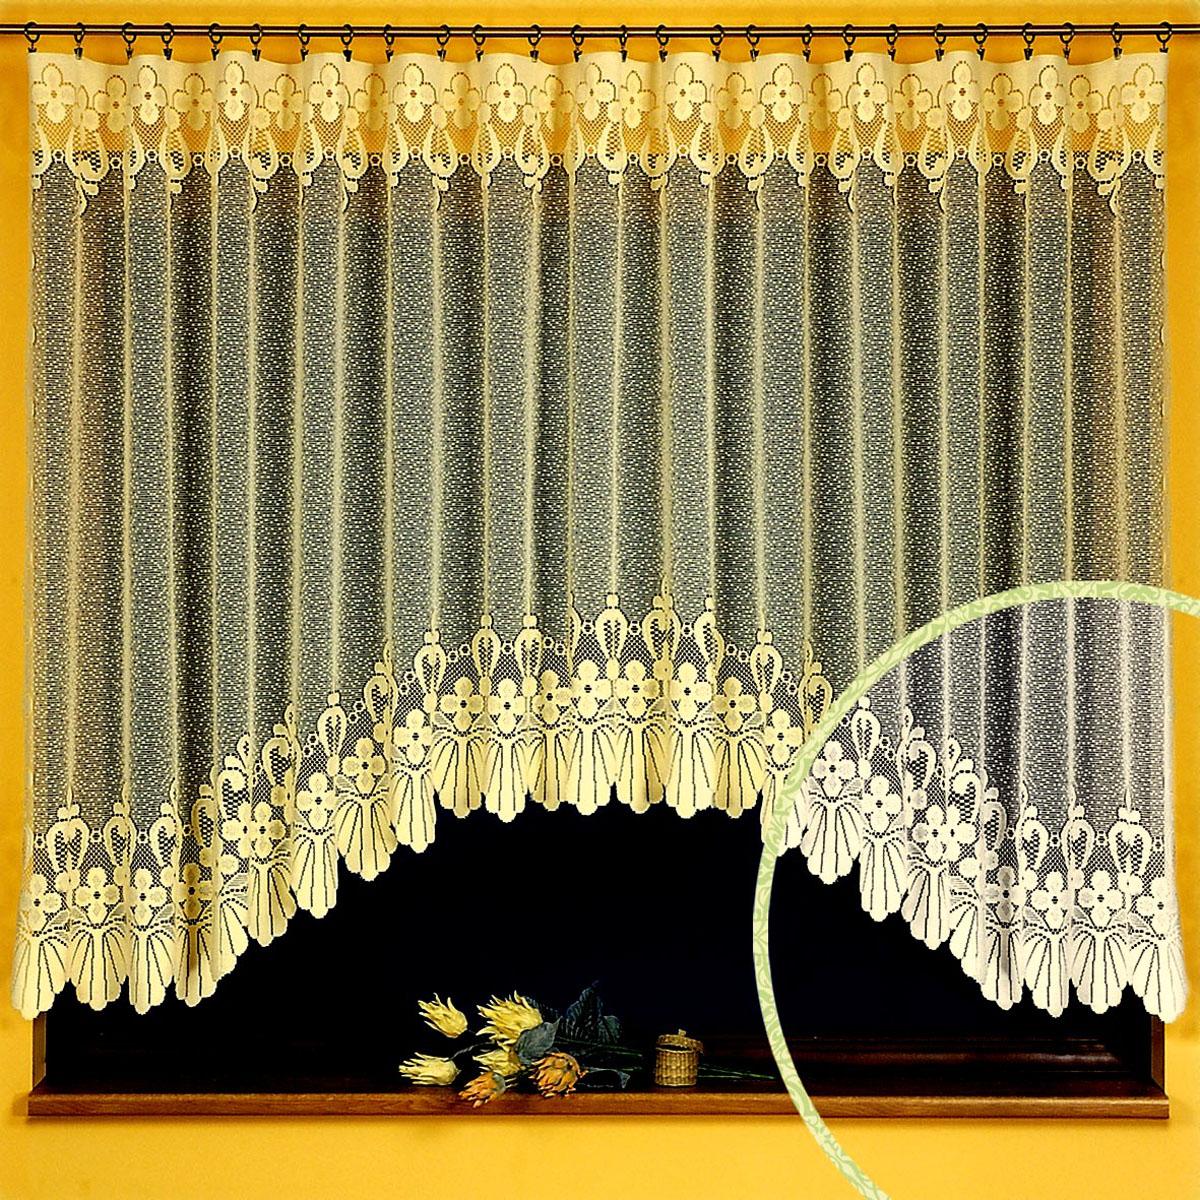 Гардина Ewa, цвет: белый, высота 150 смK100Гардина Ewa, выполненная из легкого полиэстера белого цвета, станет великолепным украшением любого окна. Тонкое плетение, оригинальный дизайн и нежная цветовая гамма привлекут внимание и украсят интерьер помещения. Гардина крепится к карнизу только с помощью зажимов (в комплект не входят). Характеристики:Материал: 100% полиэстер. Цвет: белый. Размер упаковки:24 см х 33 см х 6 см. Артикул: 446803.В комплект входит: Гардина - 1 шт. Размер (ШхВ): 350 см х 150 см. Фирма Wisan на польском рынке существует уже более пятидесяти лет и является одной из лучших польских фабрик по производству штор и тканей. Ассортимент фирмы представлен готовыми комплектами штор для гостиной, детской, кухни, а также текстилем для кухни (скатерти, салфетки, дорожки, кухонные занавески). Модельный ряд отличает оригинальный дизайн, высокое качество. Ассортимент продукции постоянно пополняется.УВАЖАЕМЫЕ КЛИЕНТЫ!Обращаем ваше внимание на цвет изделия. Цветовой вариант гардины, данной в интерьере, служит для визуального восприятия товара. Цветовая гамма данной гардины представлена на отдельном изображении фрагментом ткани.